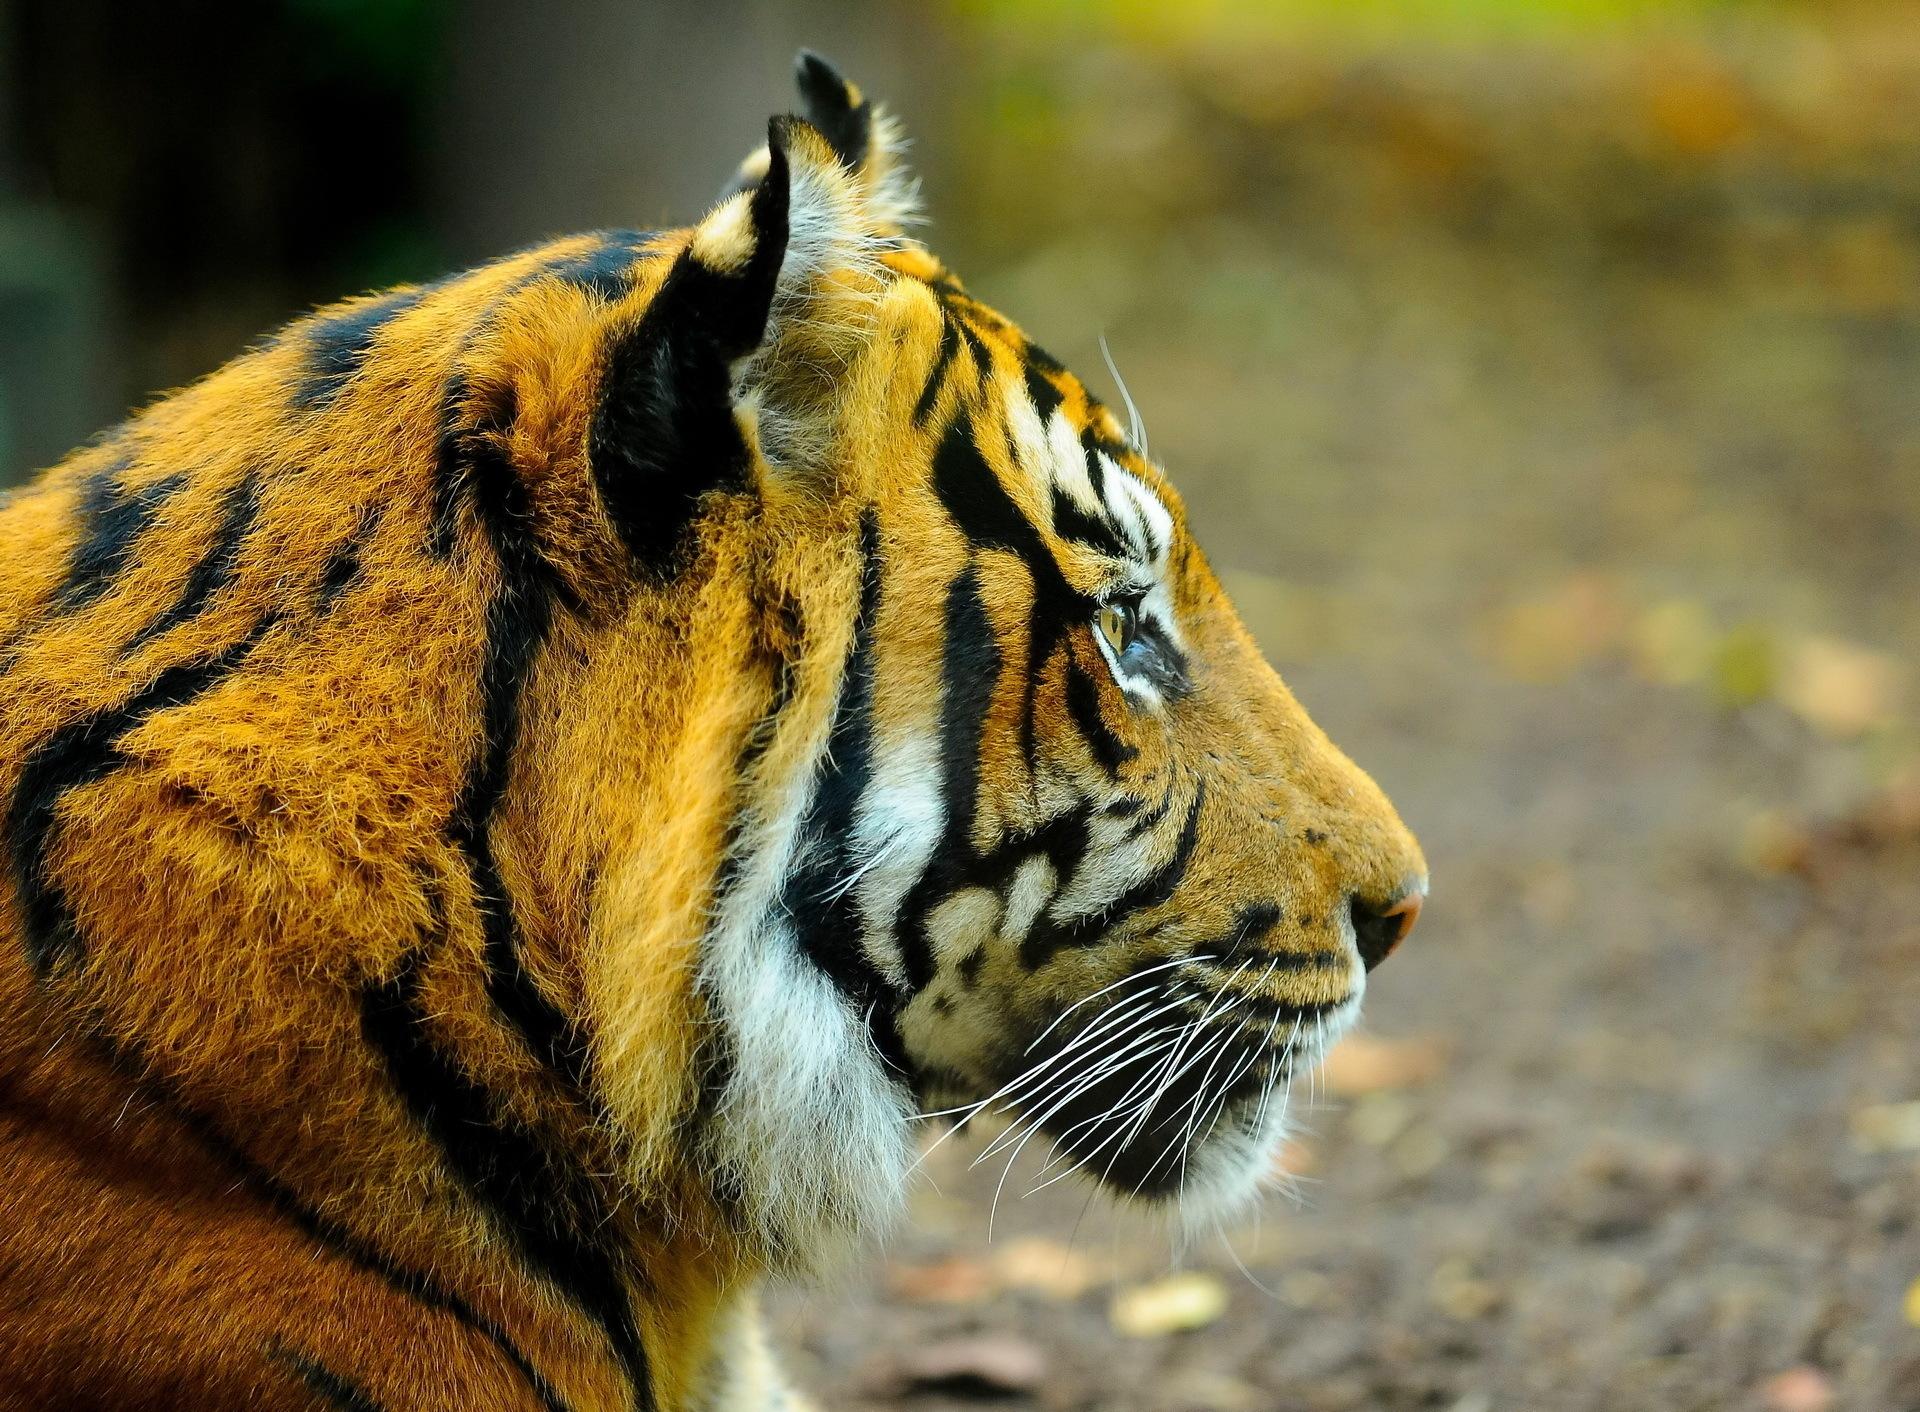 127919 скачать обои Животные, Тигр, Морда, Взгляд, Профиль, Хищник - заставки и картинки бесплатно